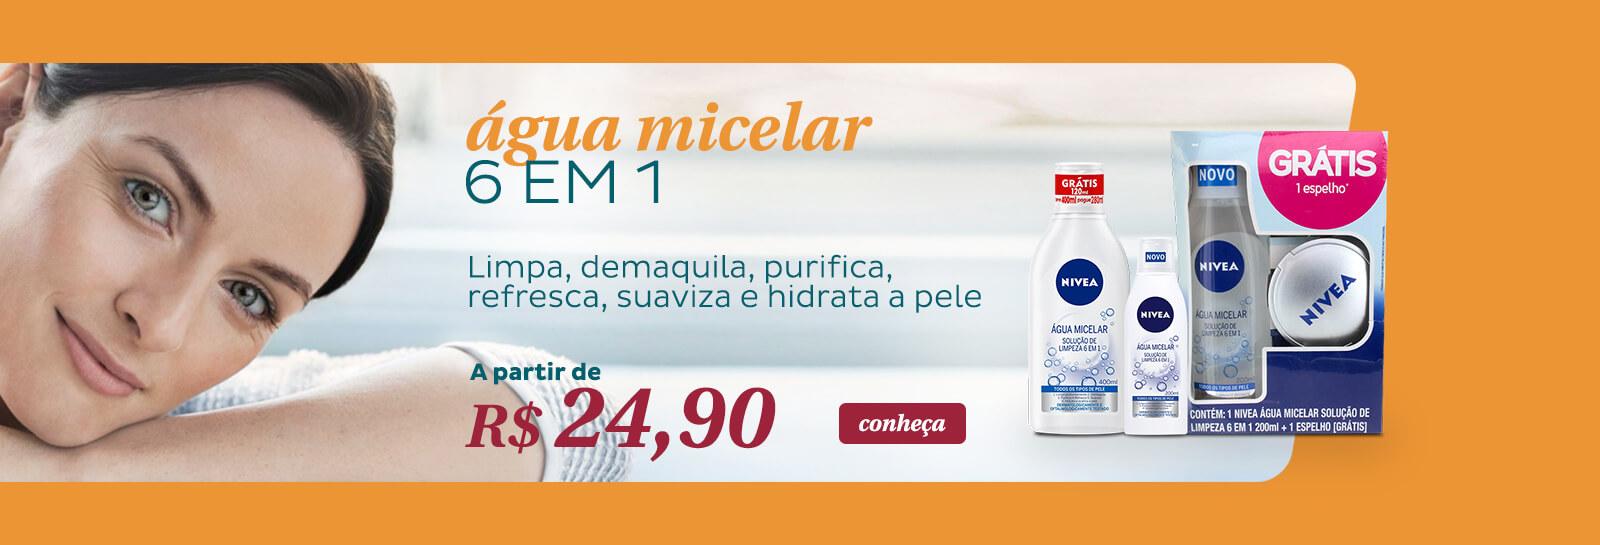 Solucao_Micelar_Nivea_24,90